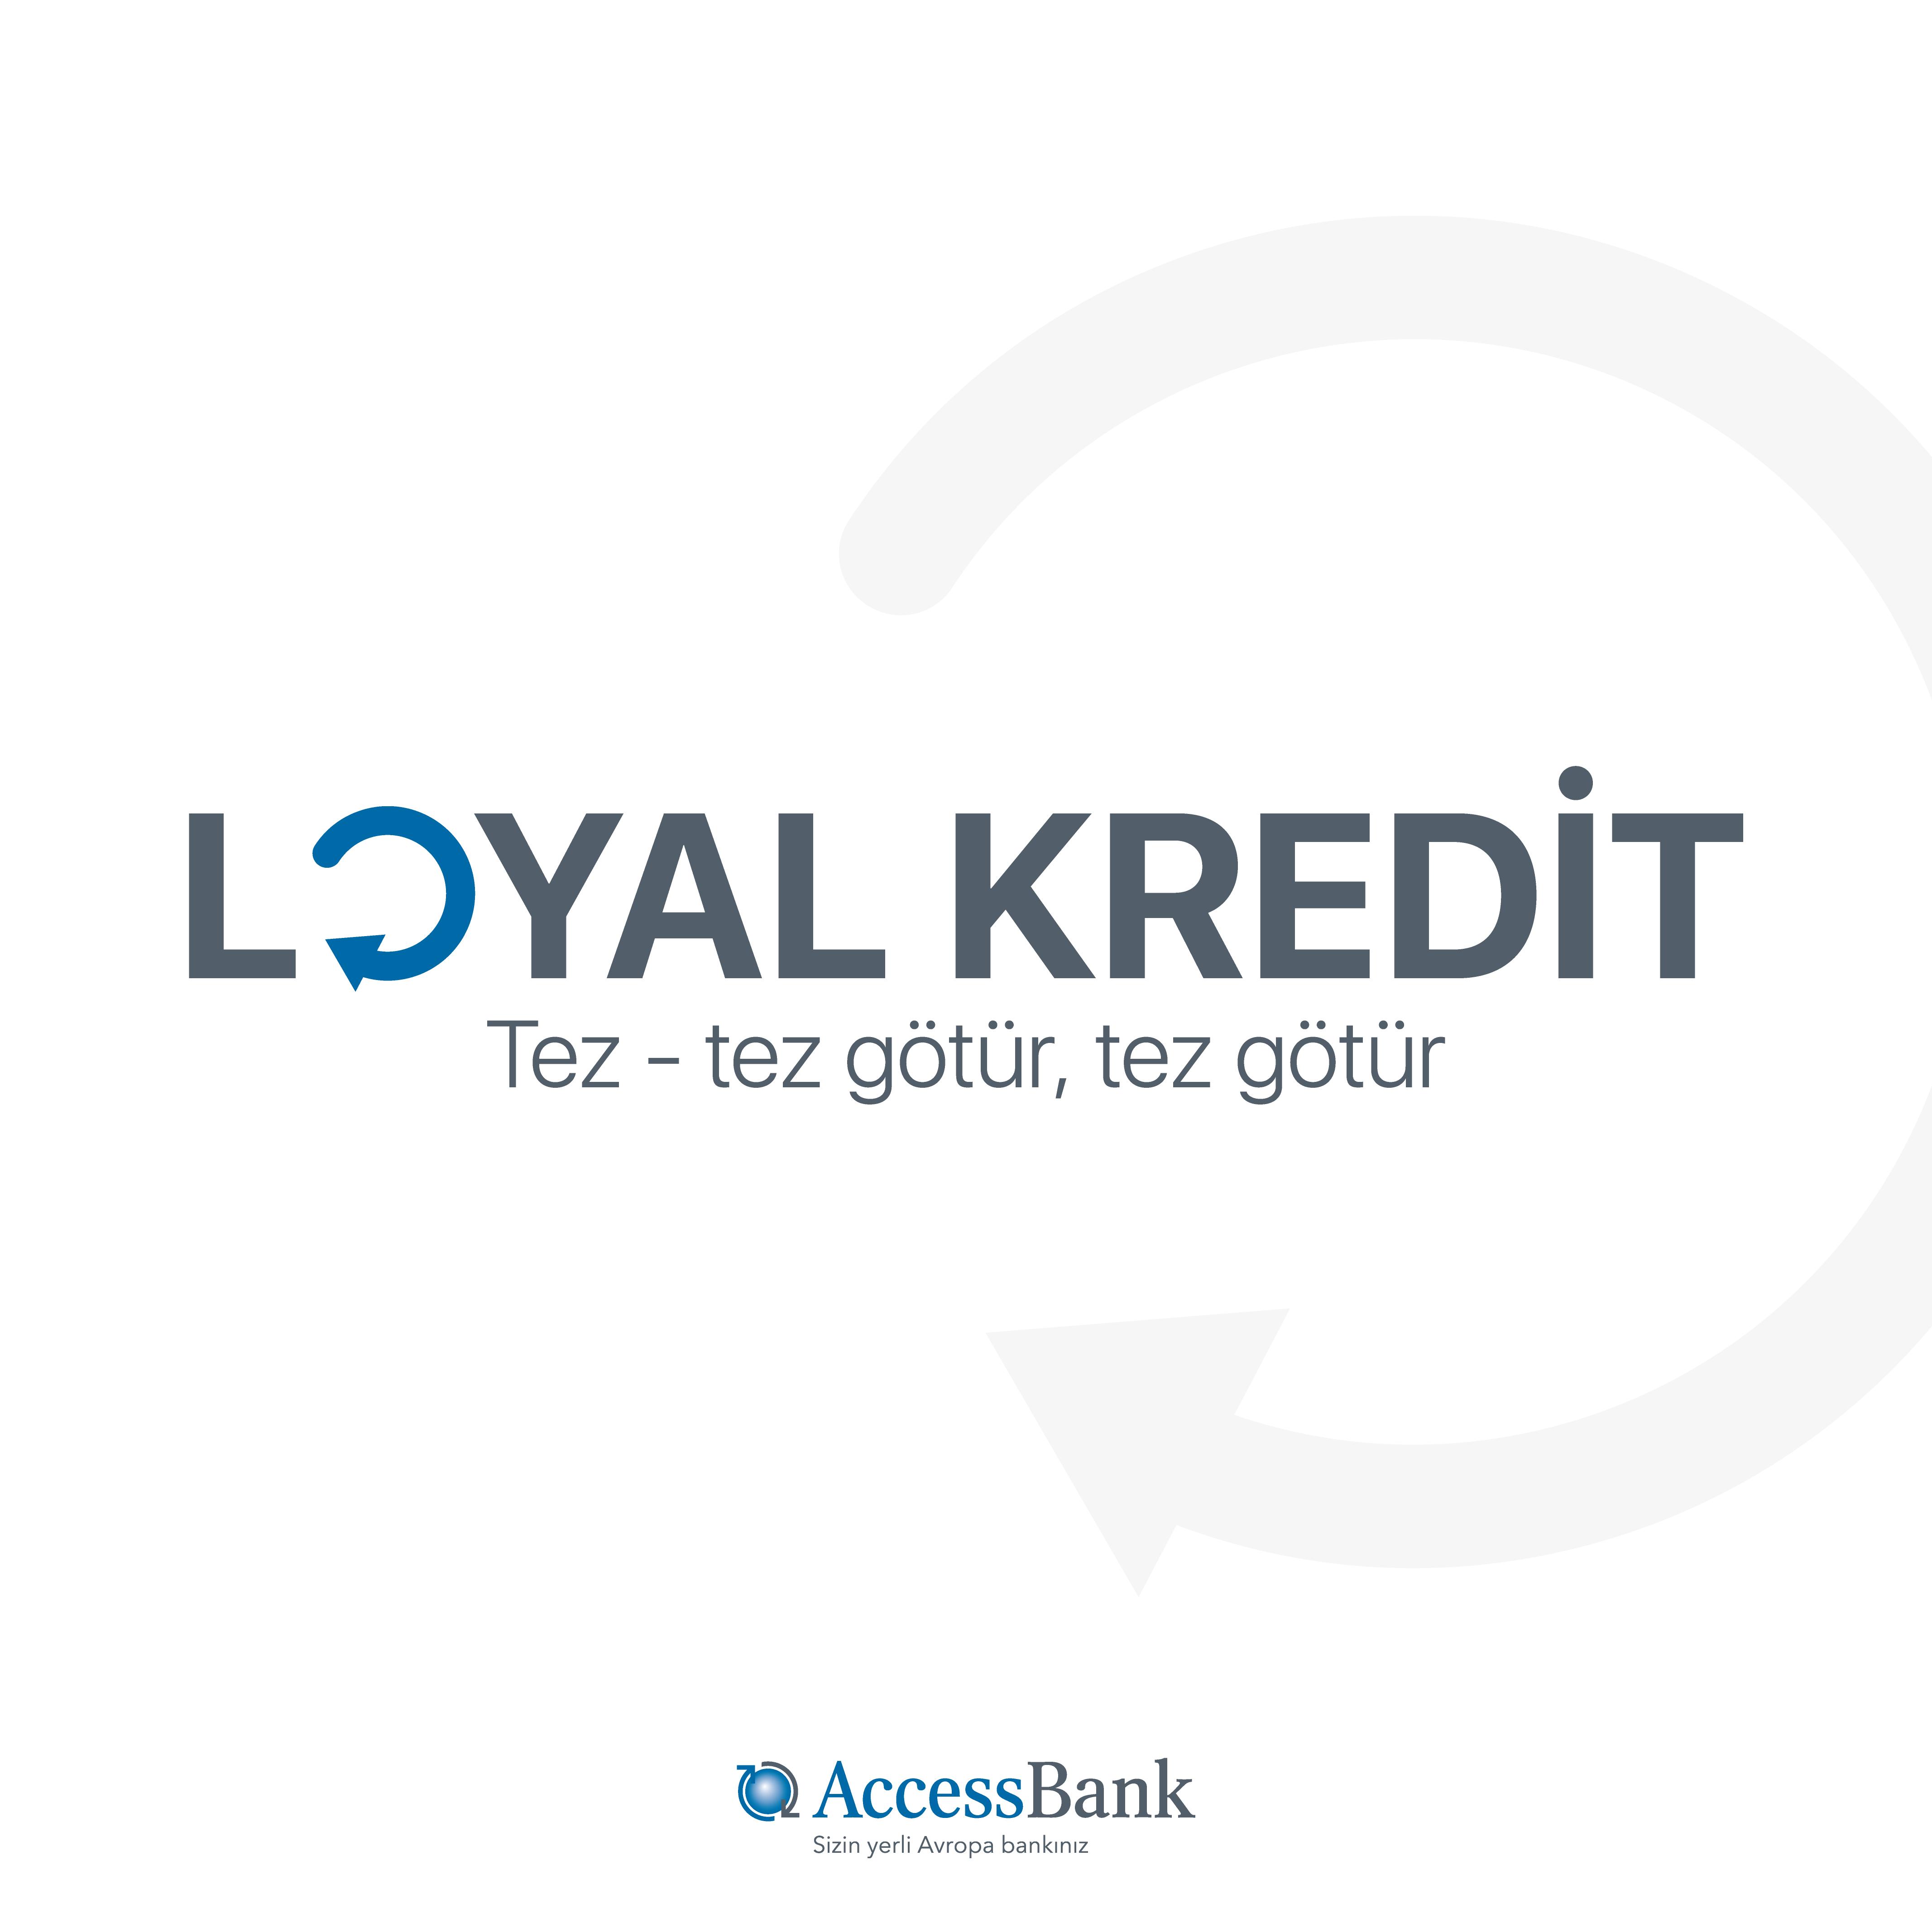 AccessBank-dan təkrar müştərilərinə LOYAL təklif!